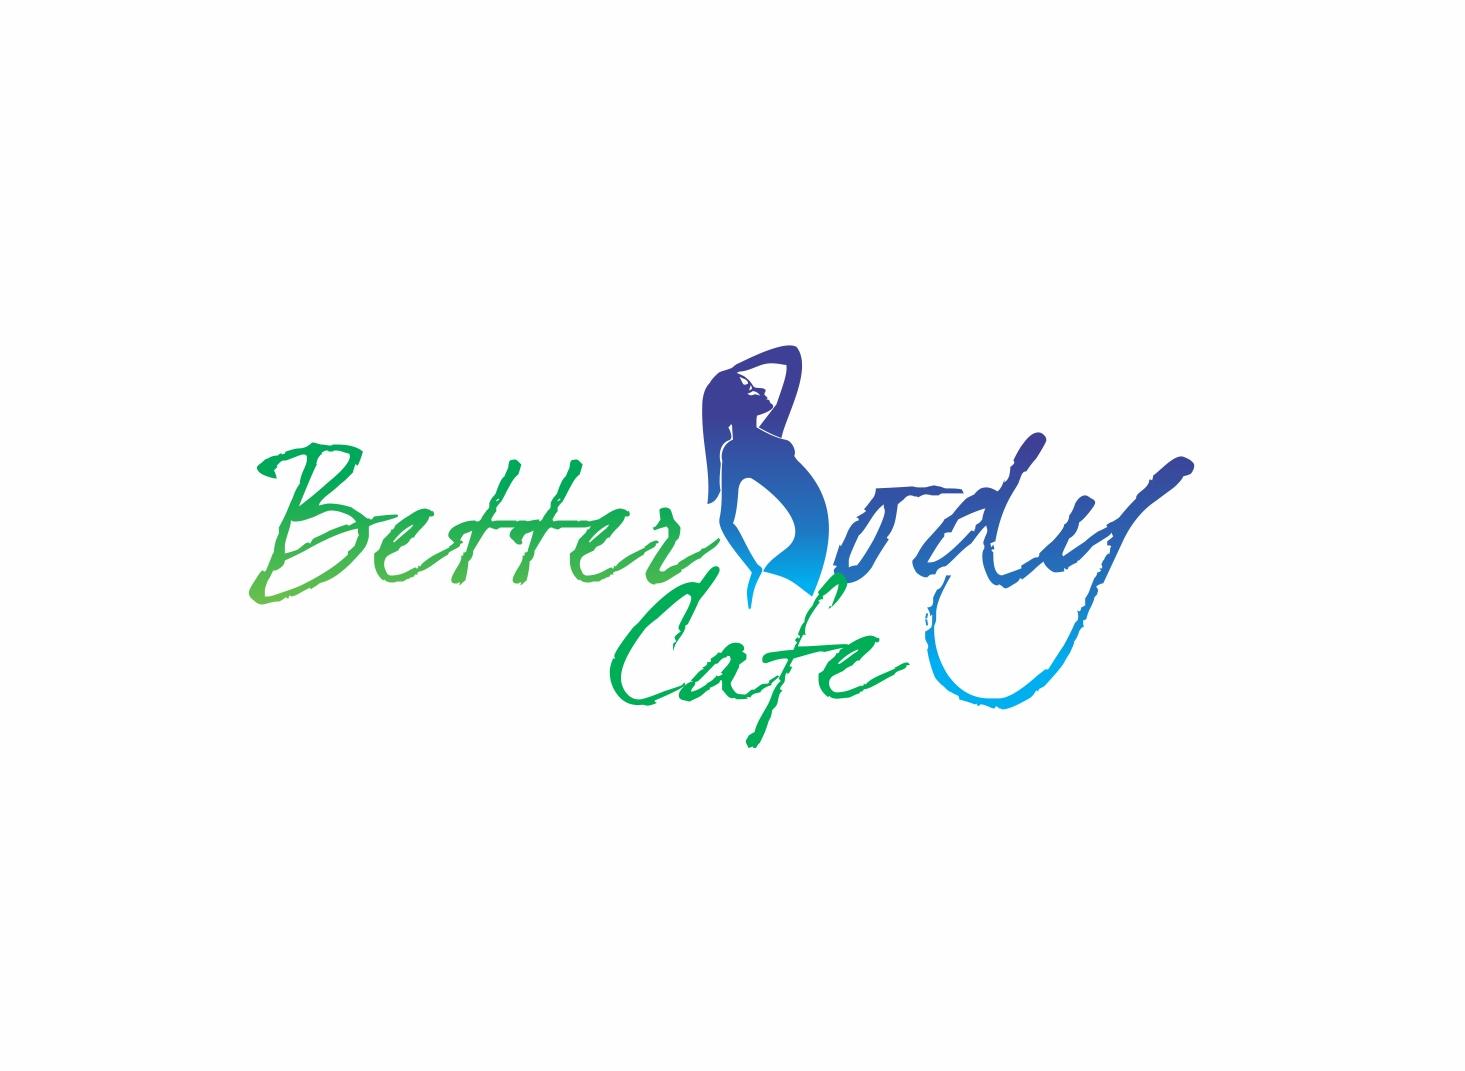 Logo Design by Zdravko Krulj - Entry No. 27 in the Logo Design Contest New Logo Design for Better Body Cafe.